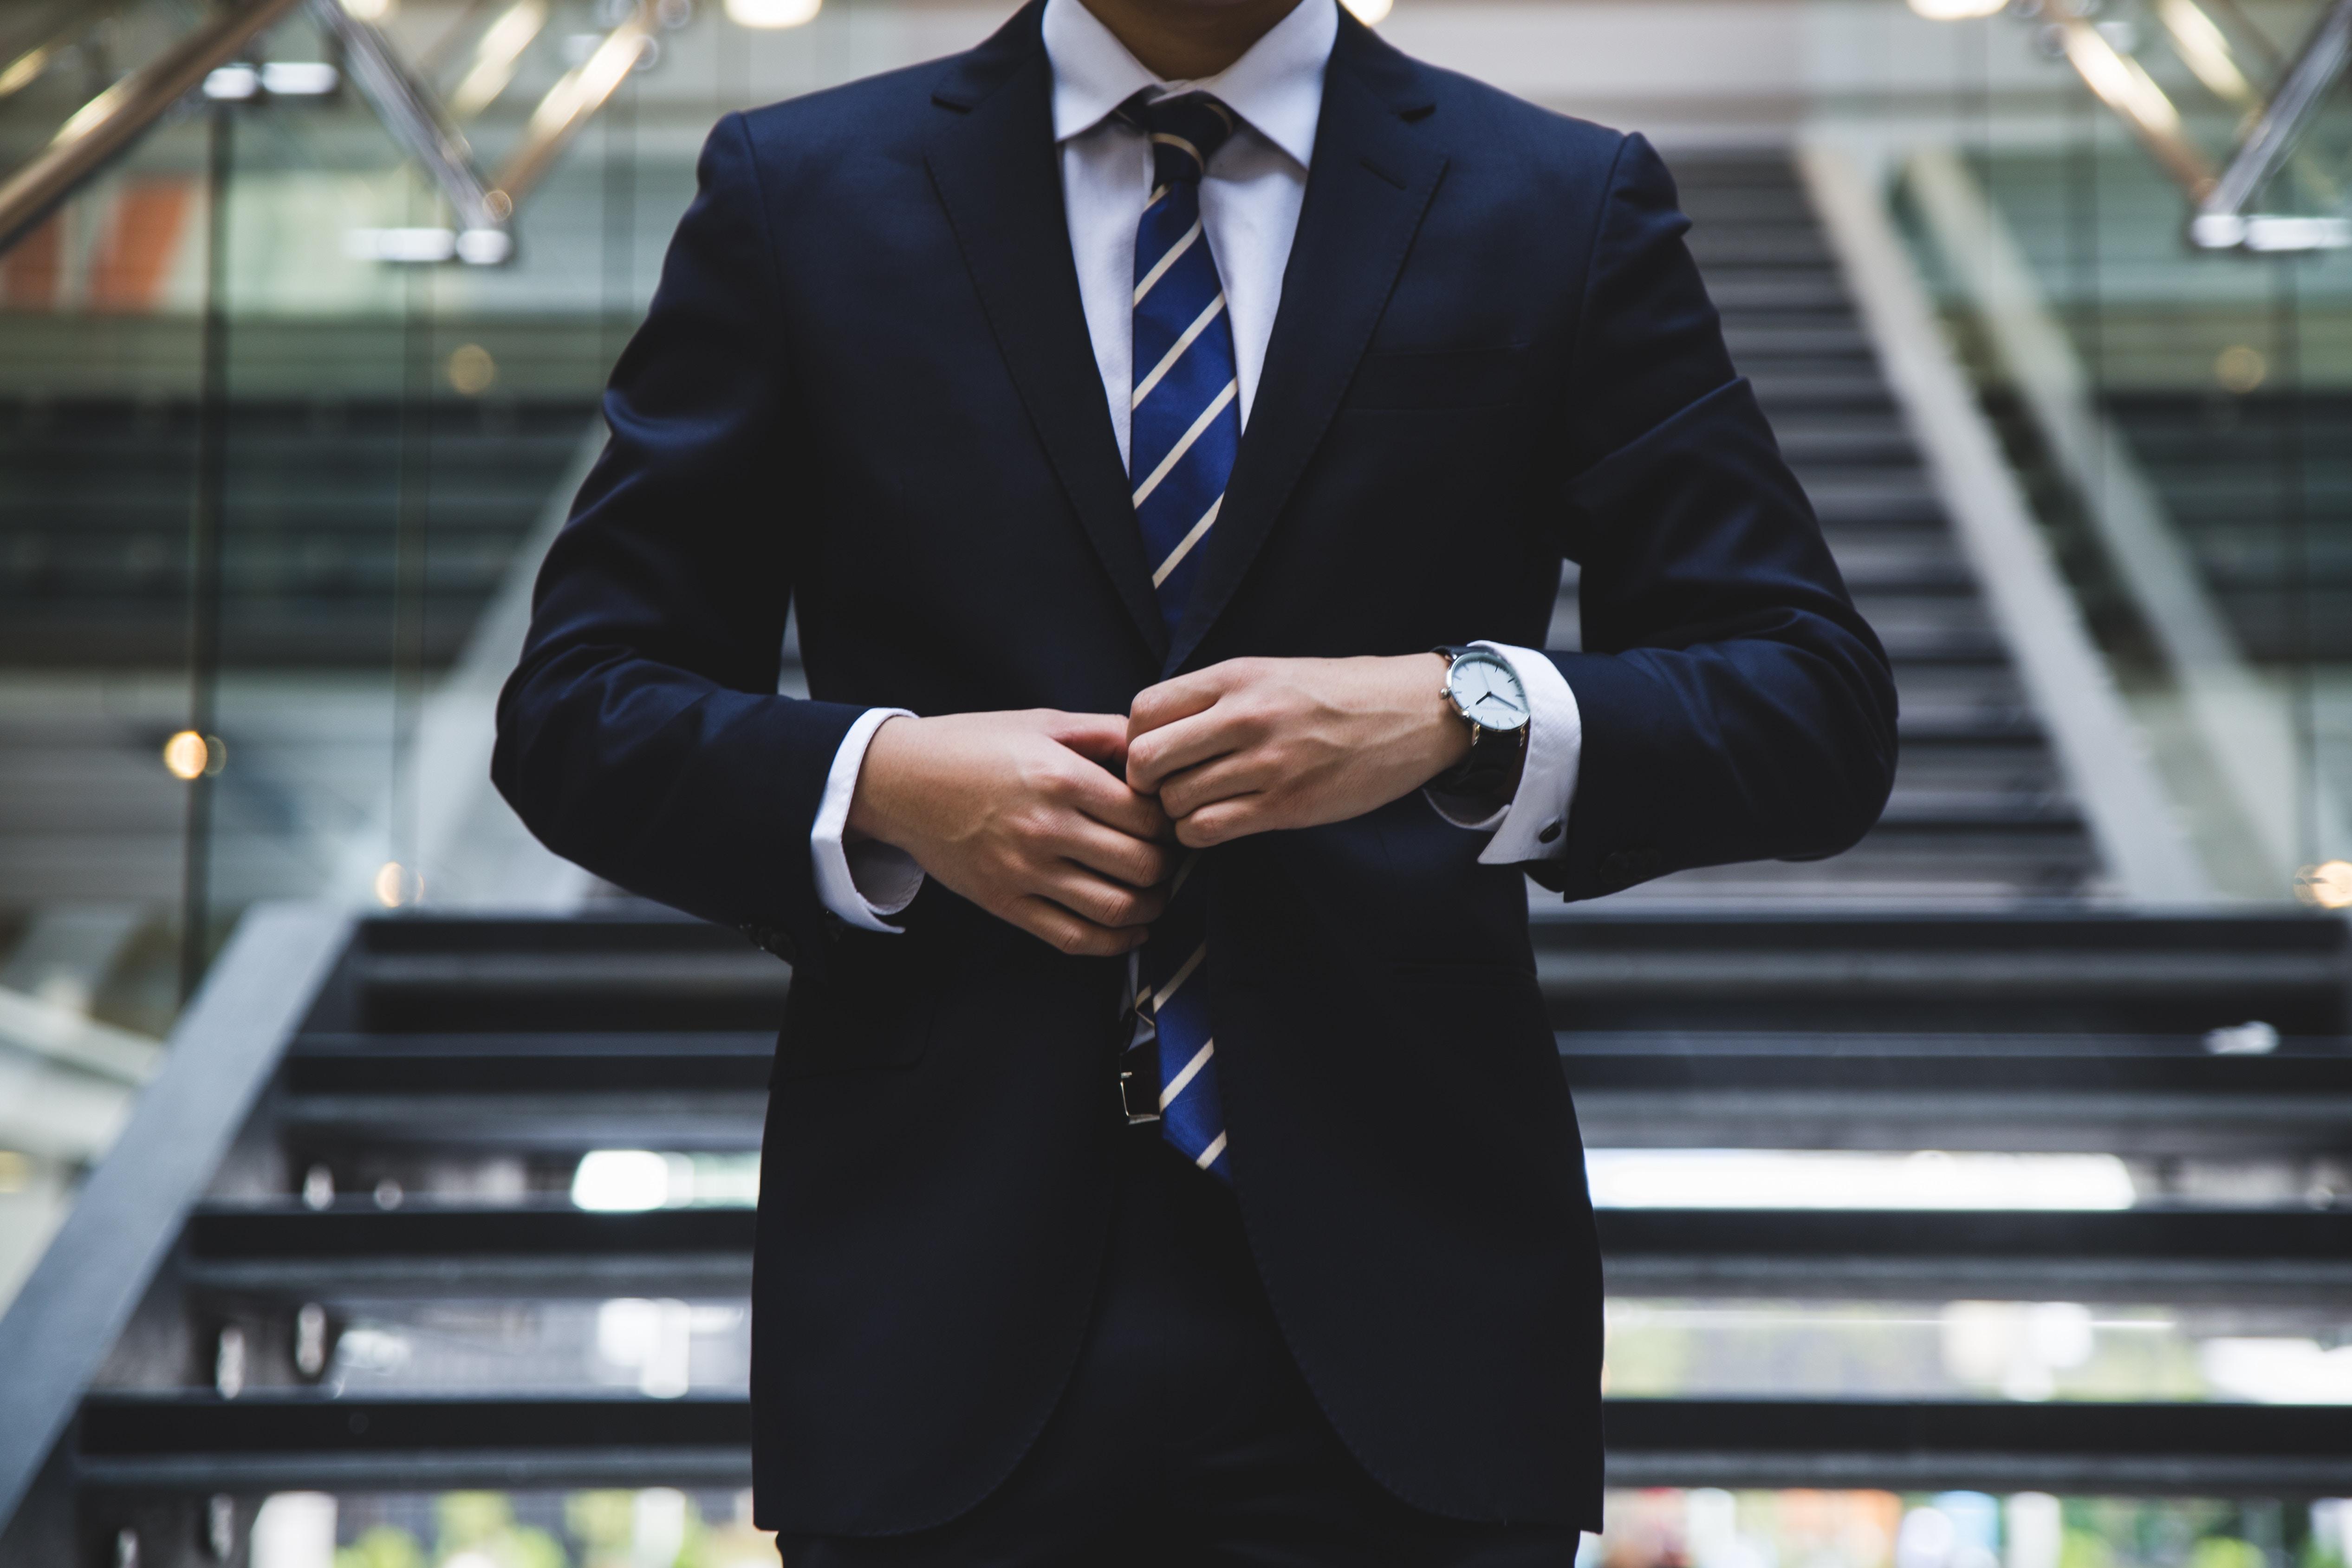 高卒の方におすすめの転職エージェントランキングTOP3